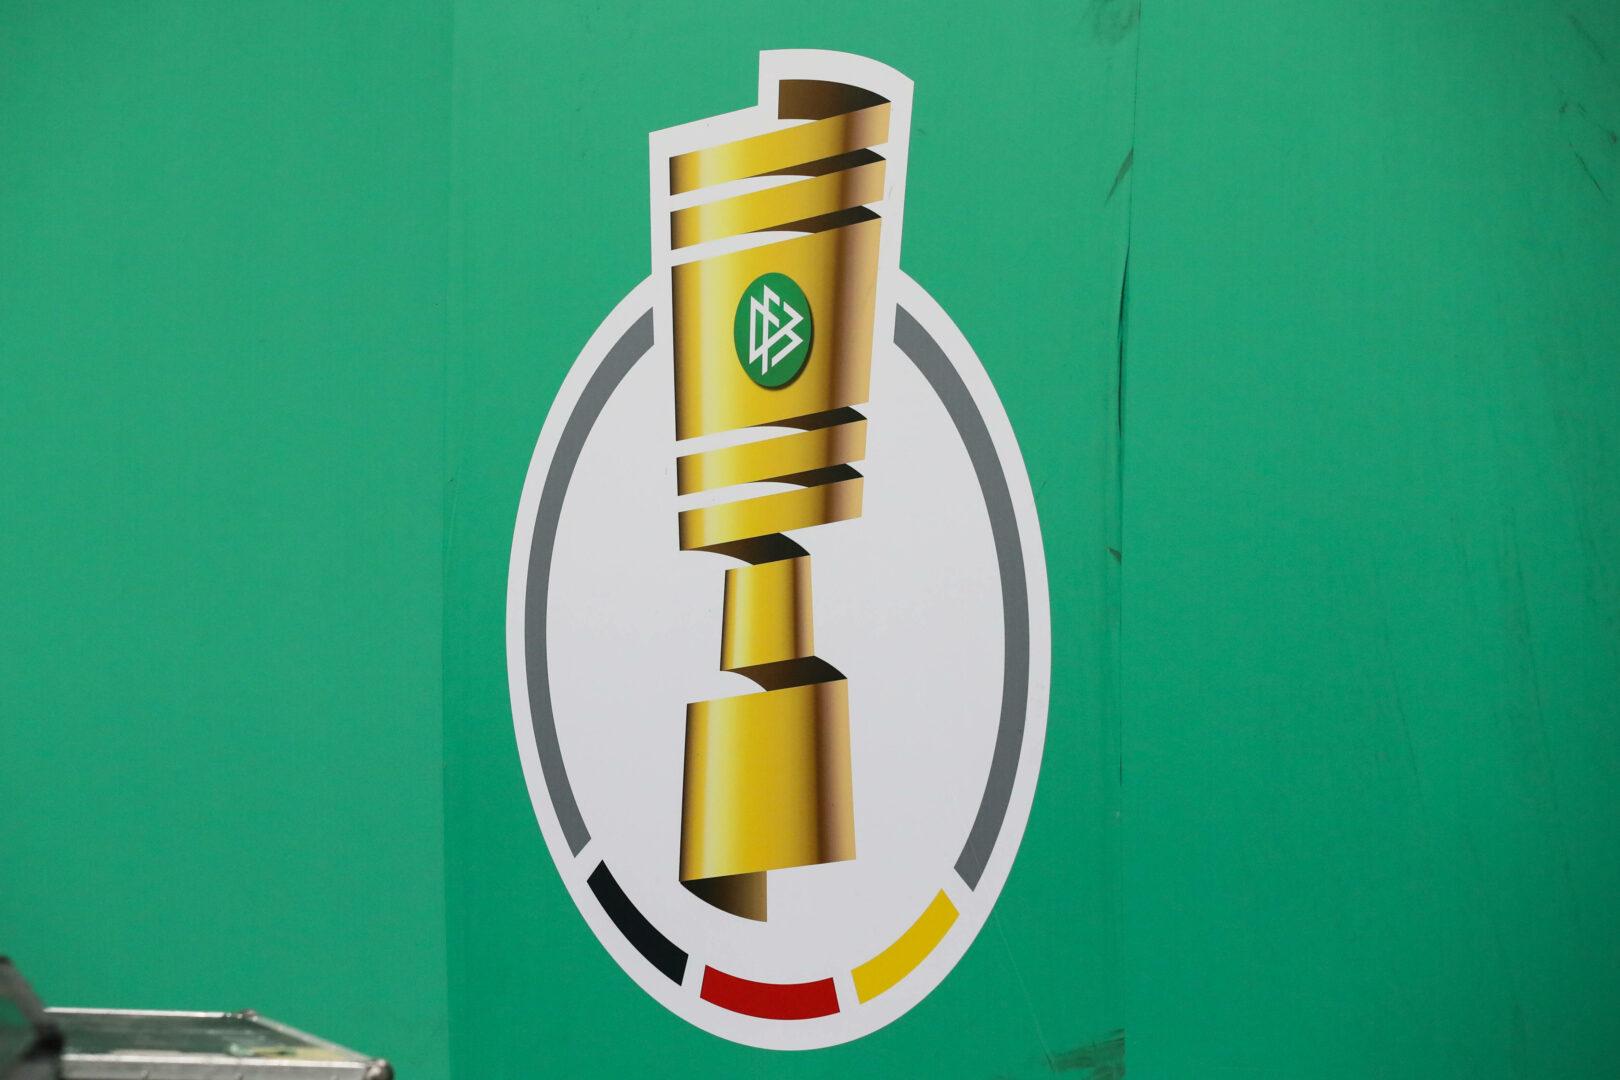 DFB-Pokal: Ab 2022 mehr Spiele bei ARD/ZDF – weniger Partien parallel